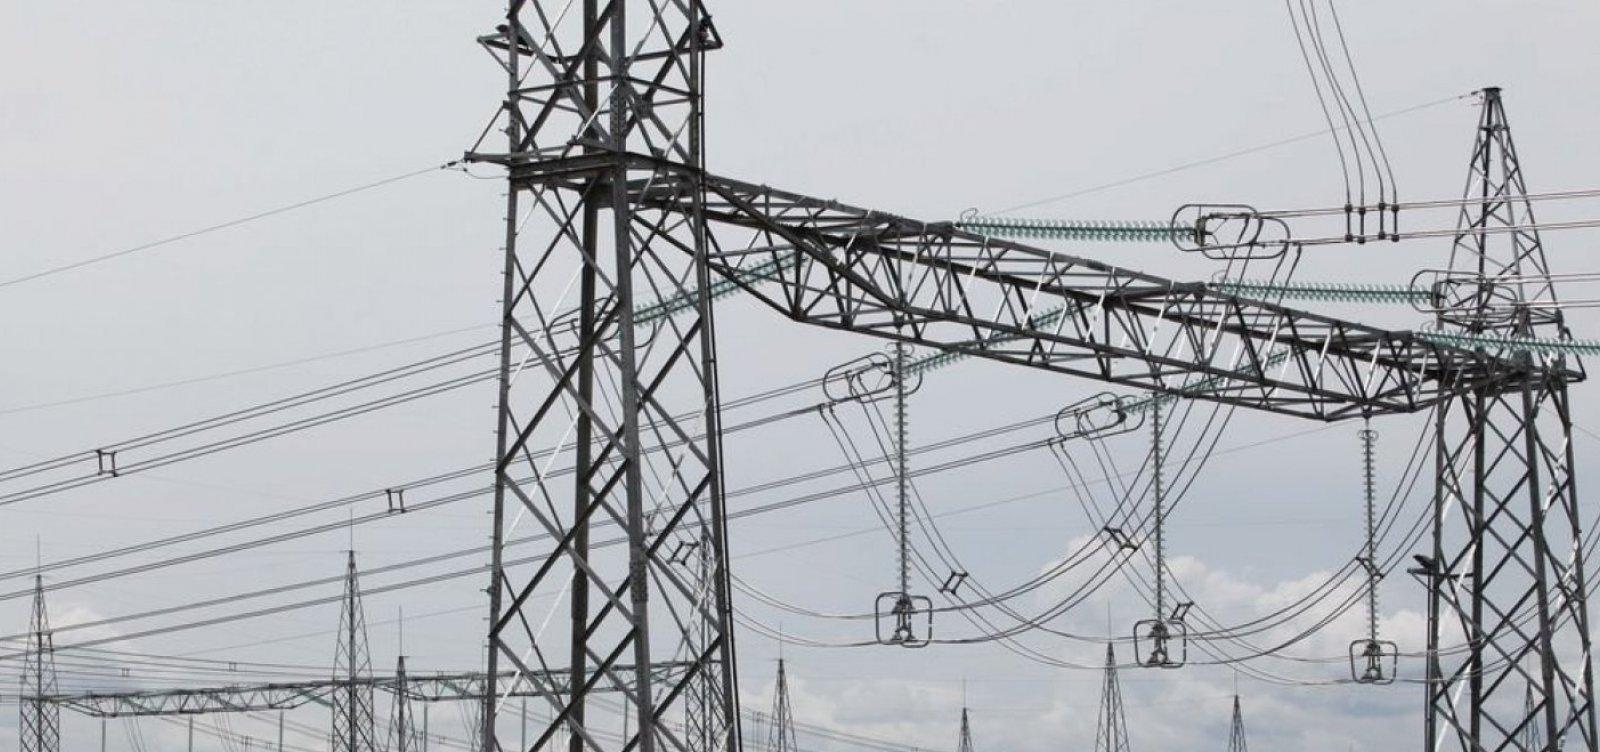 Governos ignoram desde 2010 alertas do TCU sobre falhas no sistema elétrico